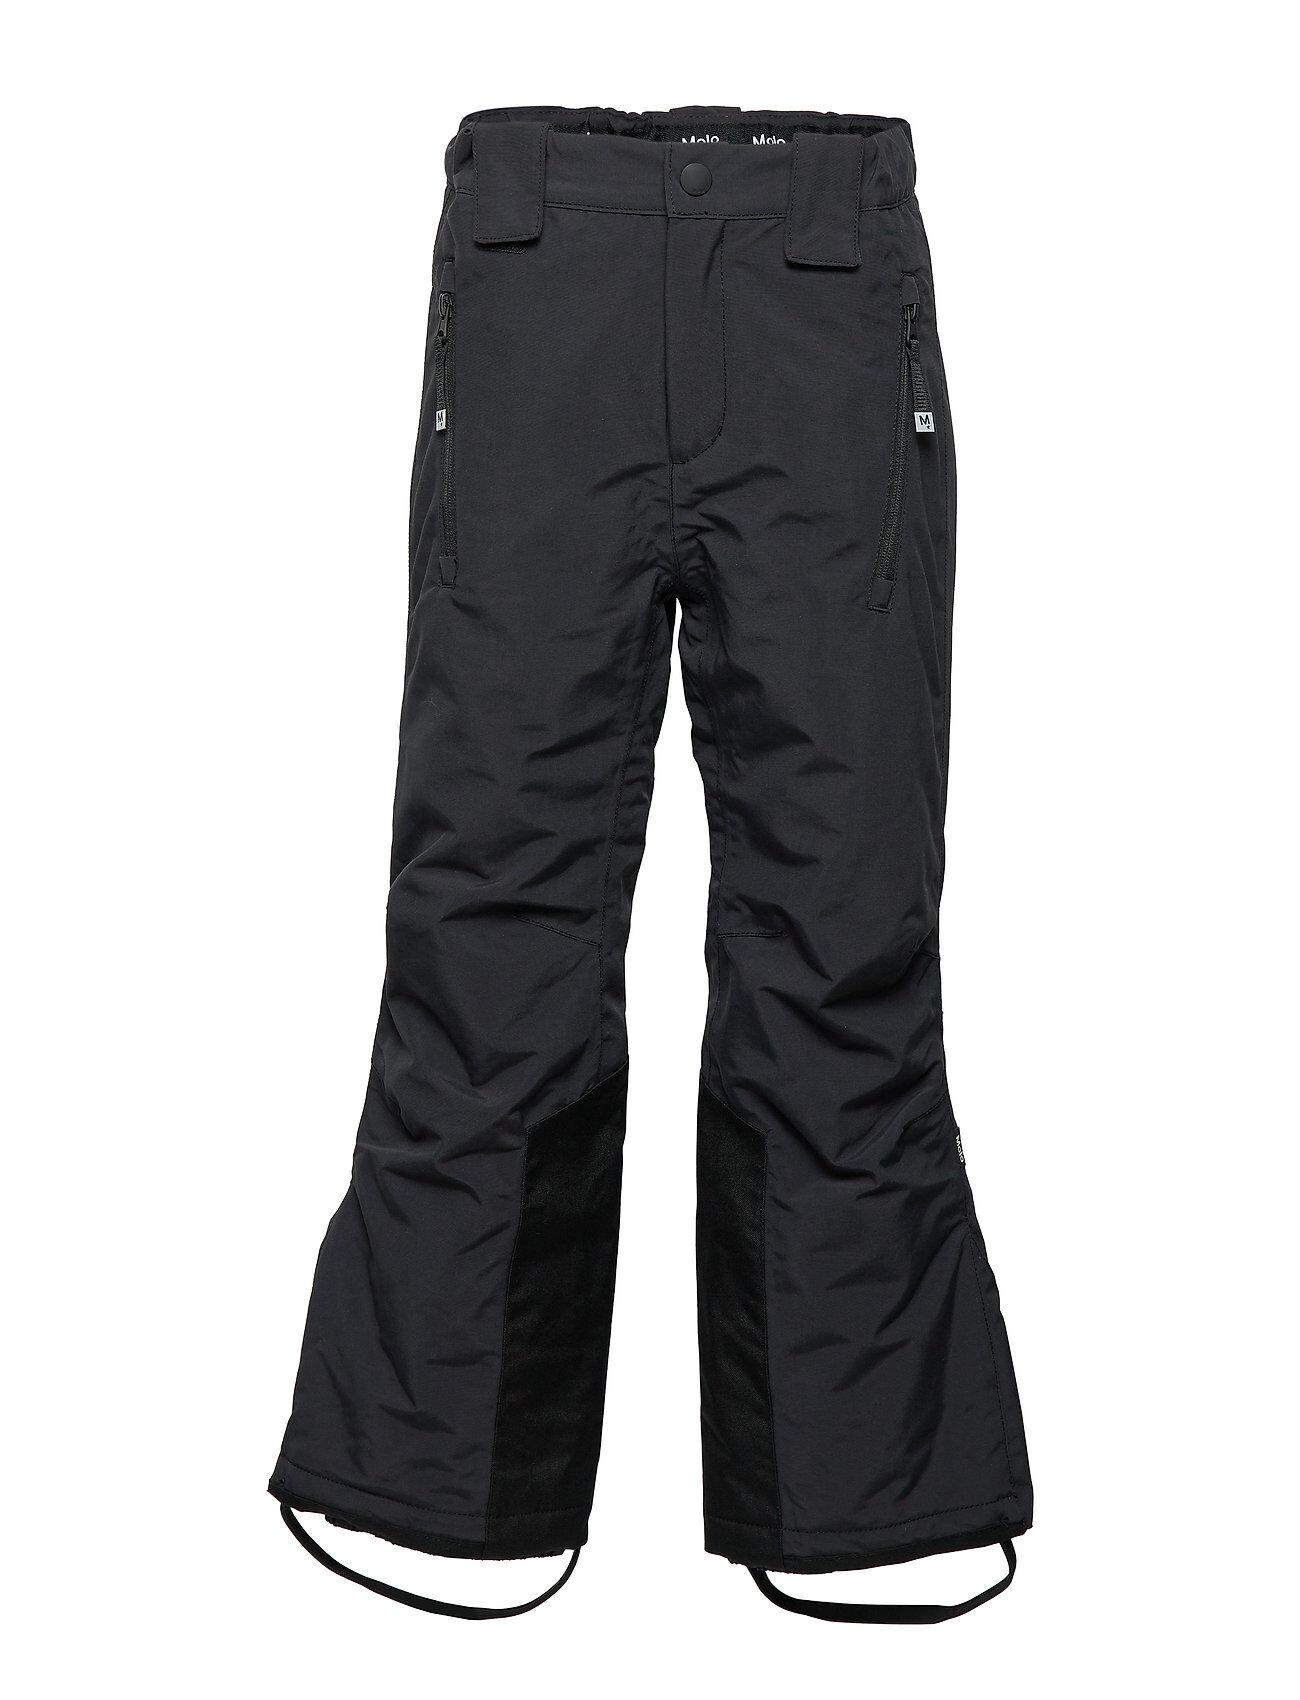 Molo Jump Pro Outerwear Snow/ski Clothing Snow/ski Pants Musta Molo